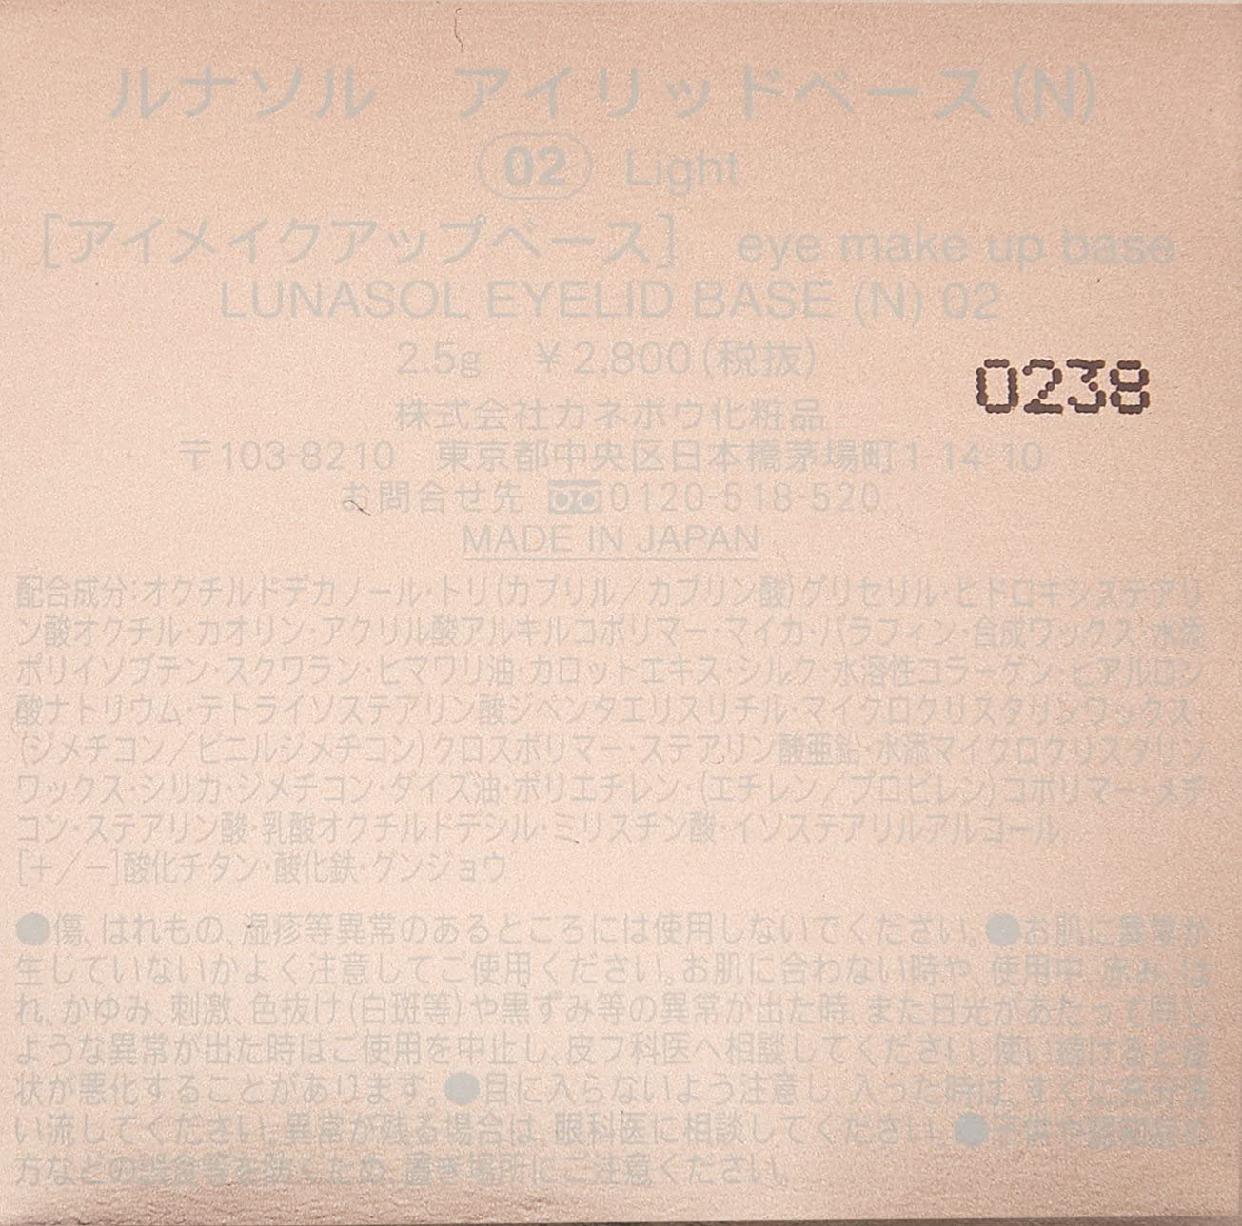 LUNASOL(ルナソル) アイリッドベース(N)の商品画像3